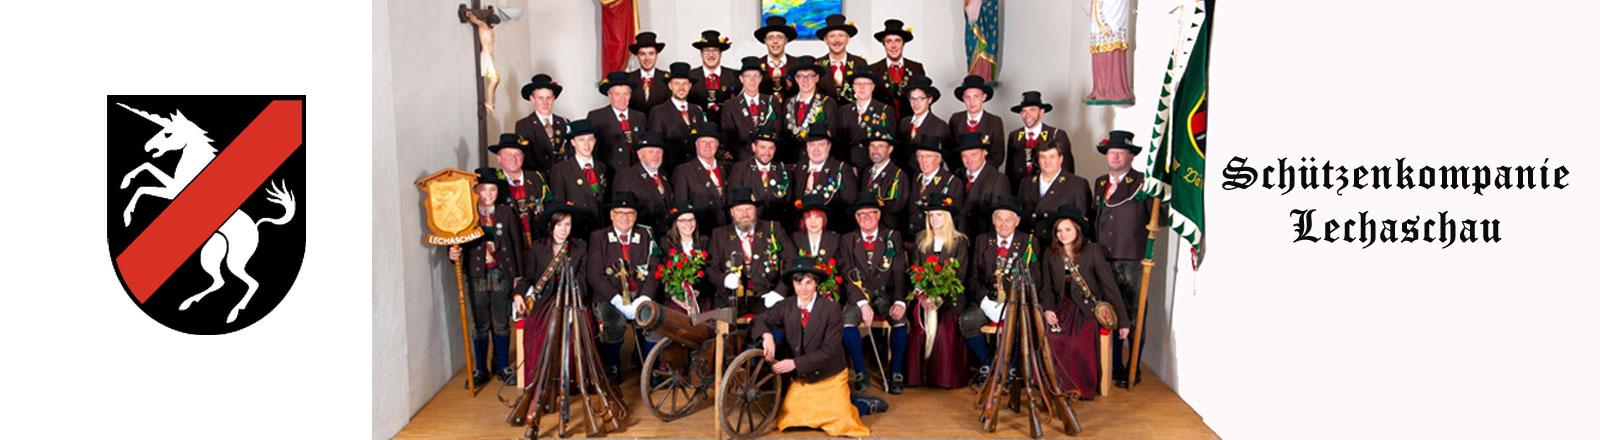 Schützenkompanie Lechaschau mit Wappe